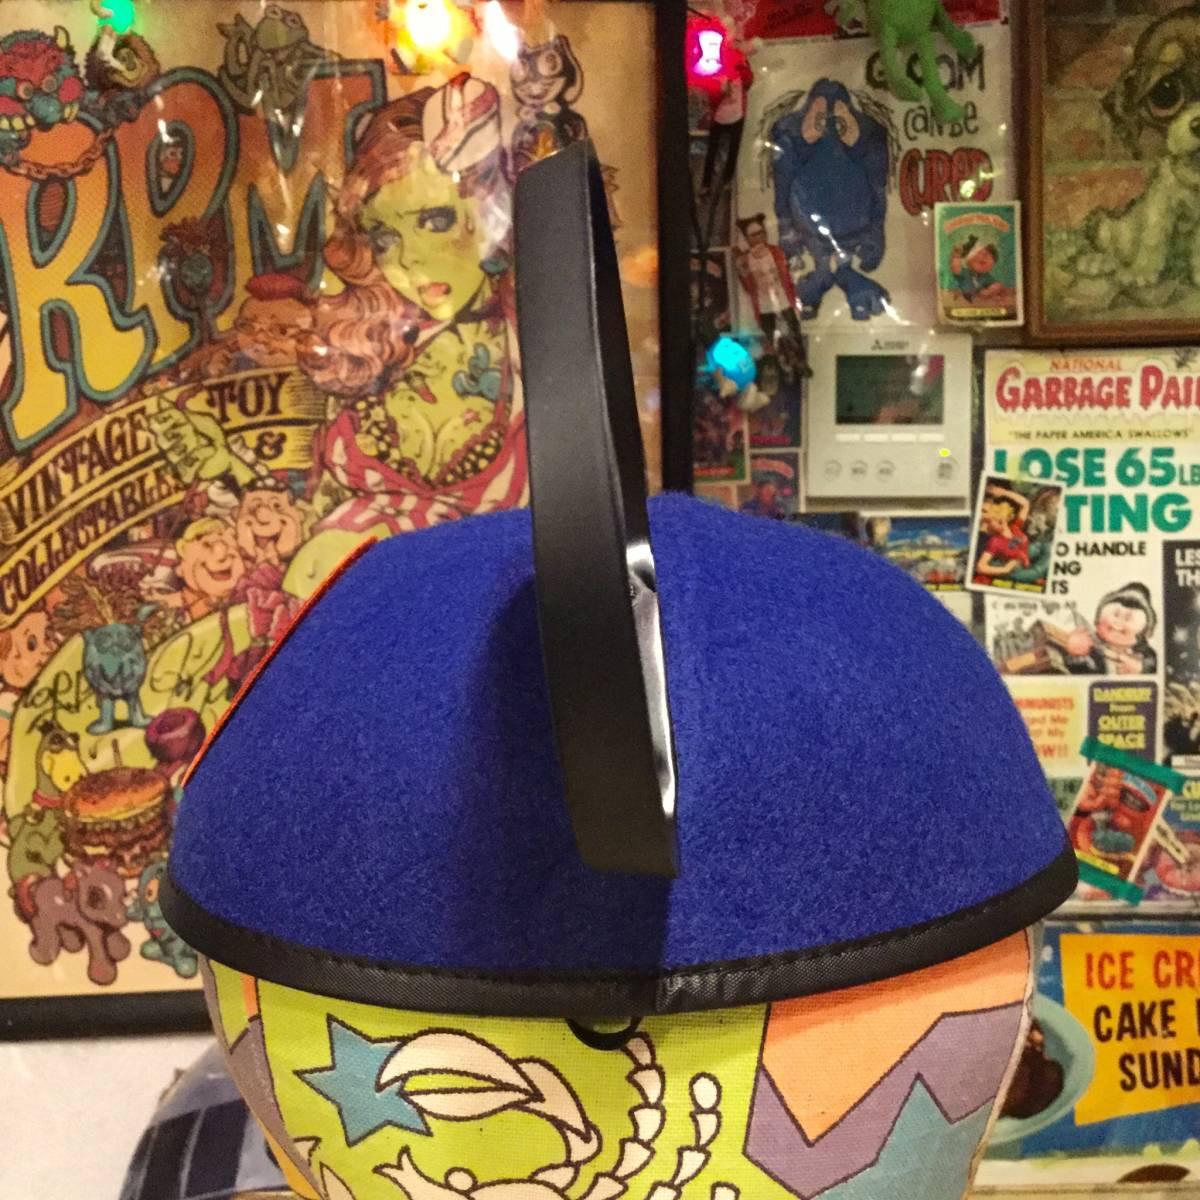 USA ディズニー ワールド 限定 ミッキーマウス イヤー ハット キャップ ブルー MICKEY MOUSE 耳付き 帽子 Disney World ディズニーランド _画像4